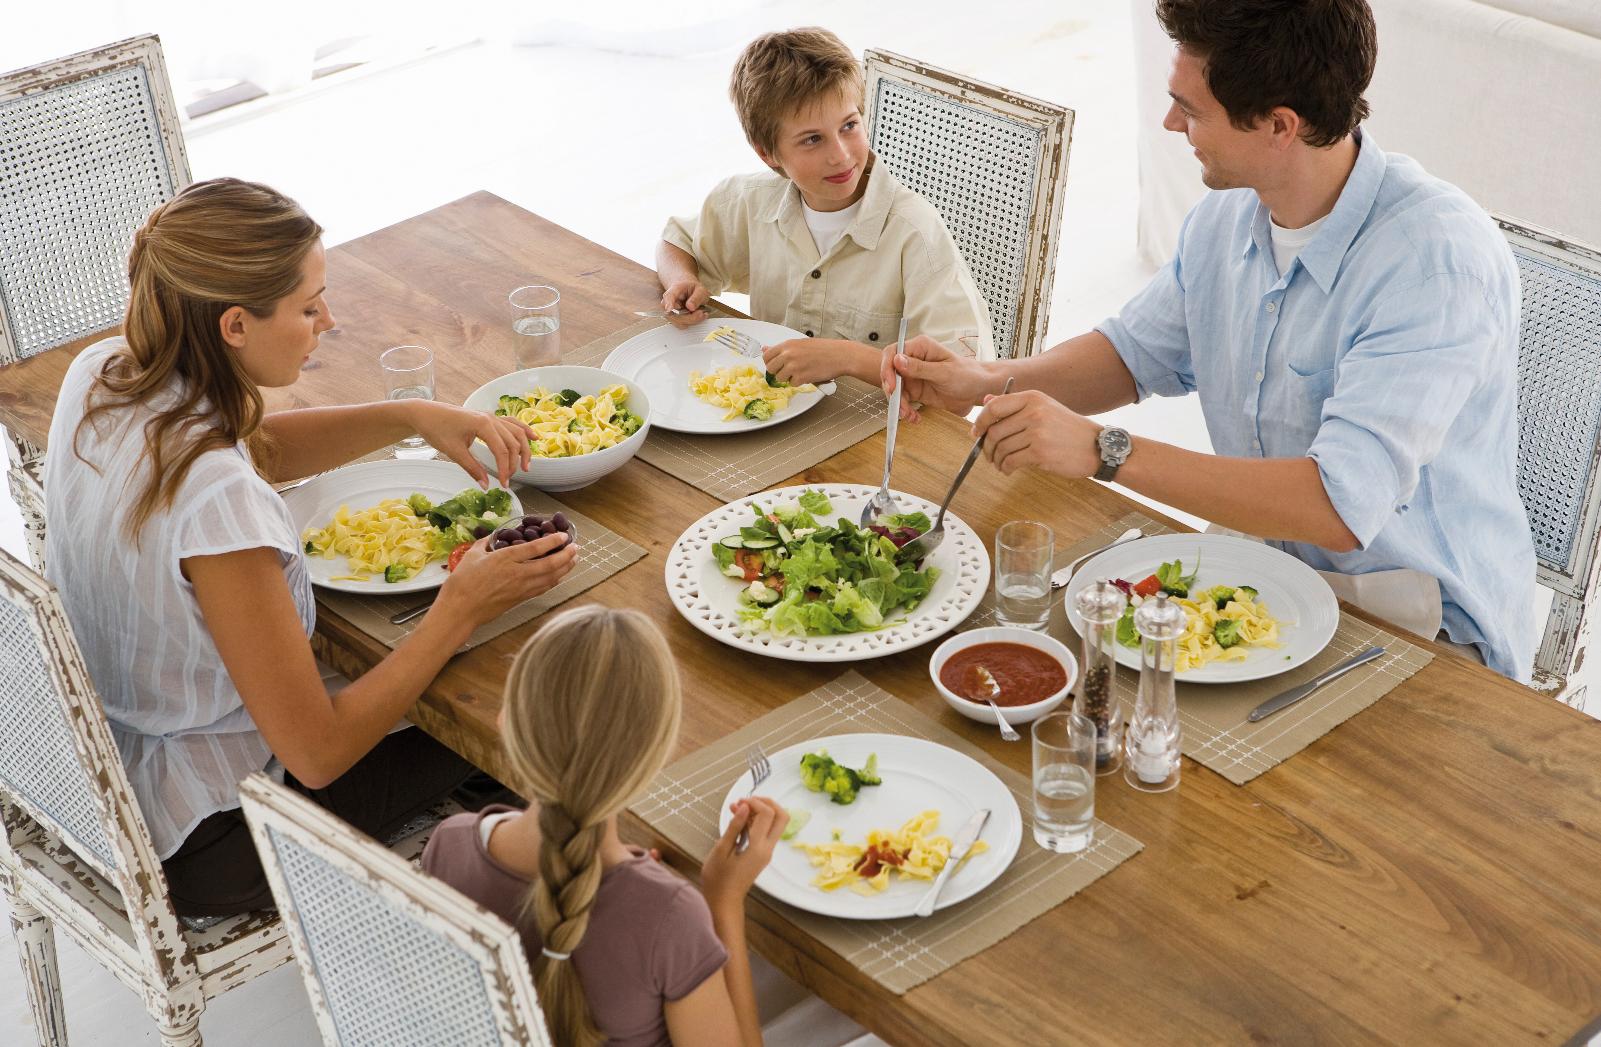 La dieta basada en un estilod e vida saludable